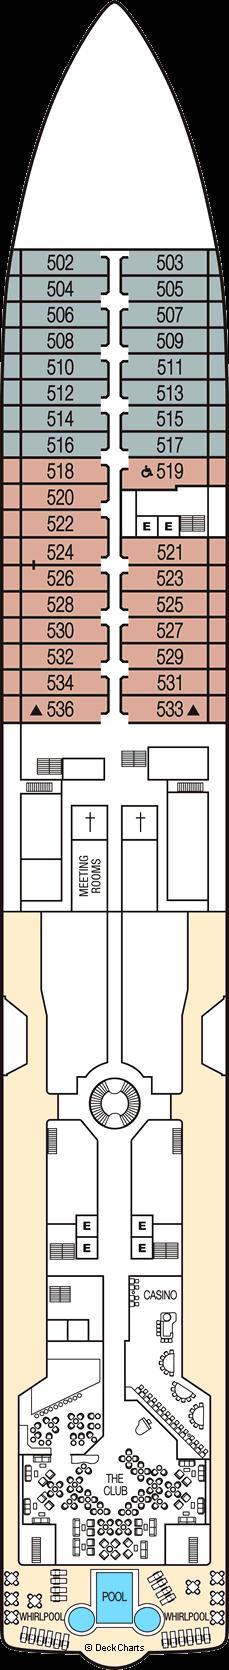 Seabourn Sojourn: Deck 5